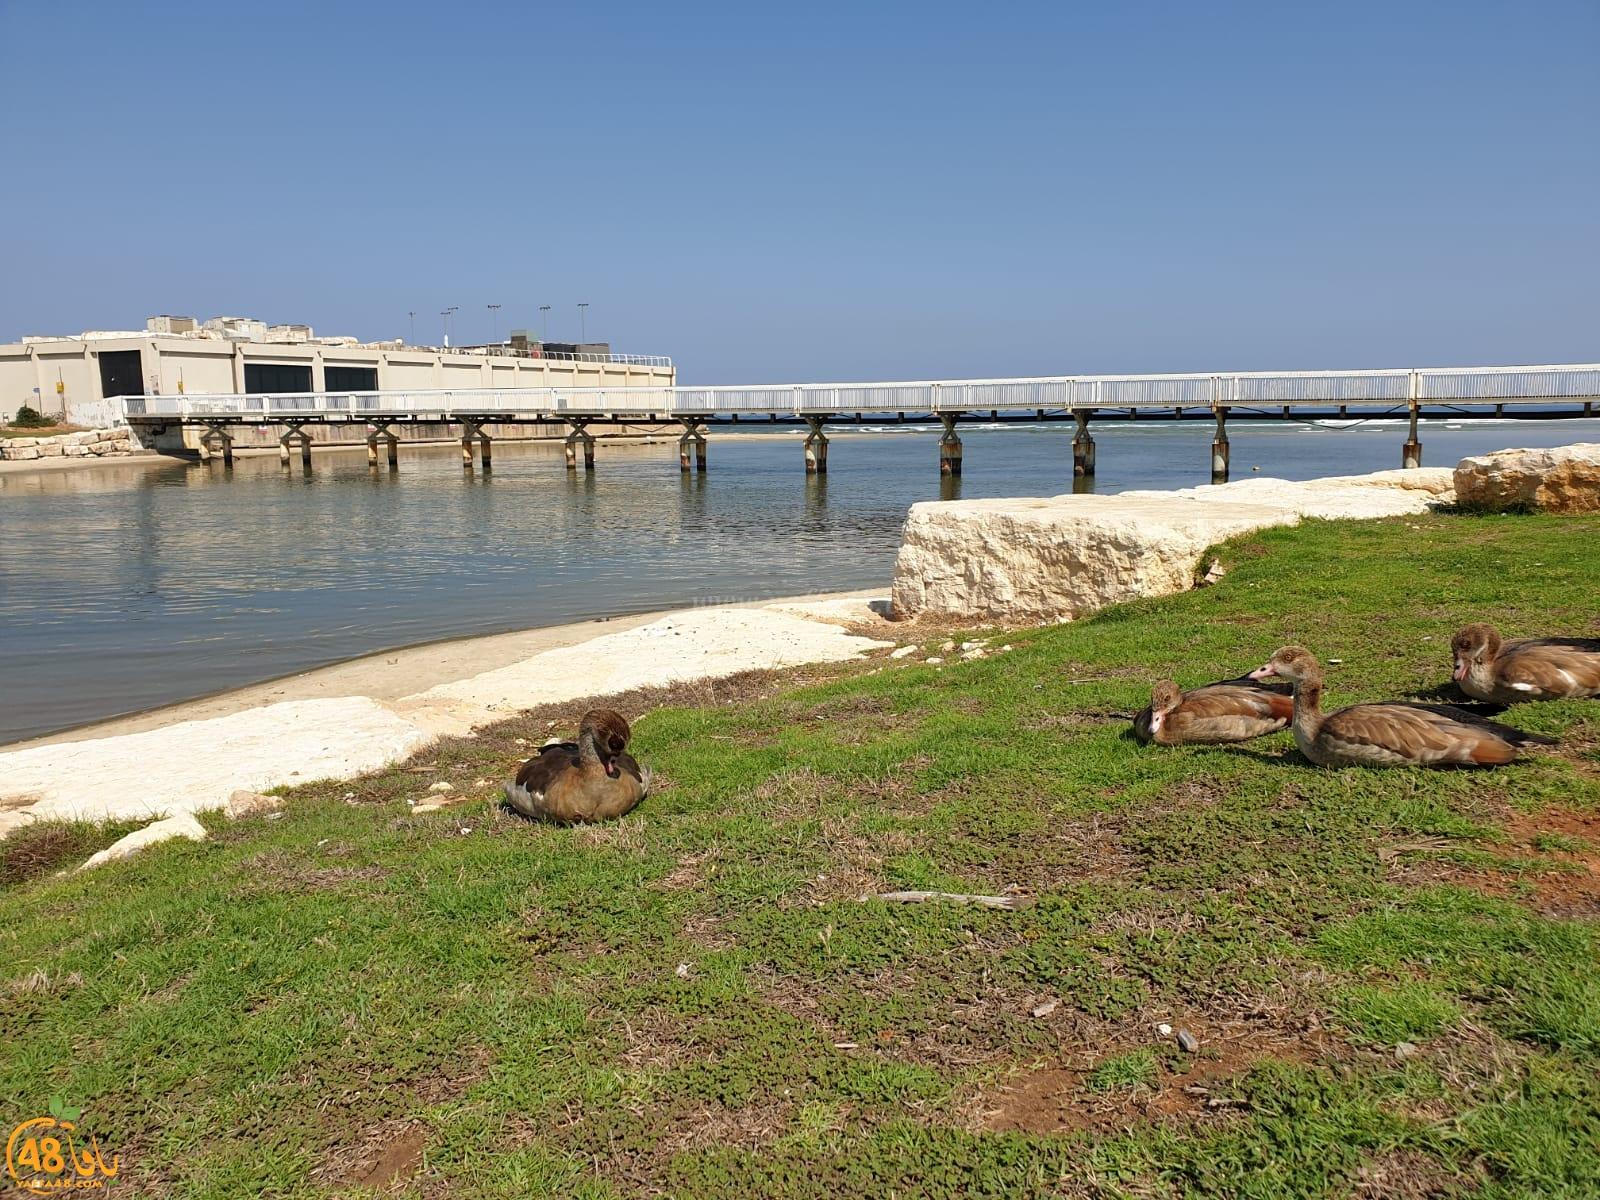 شاهد: مناظر رائعة من مصبّ نهر العوجا في البحر شمال يافا هذا الصباح